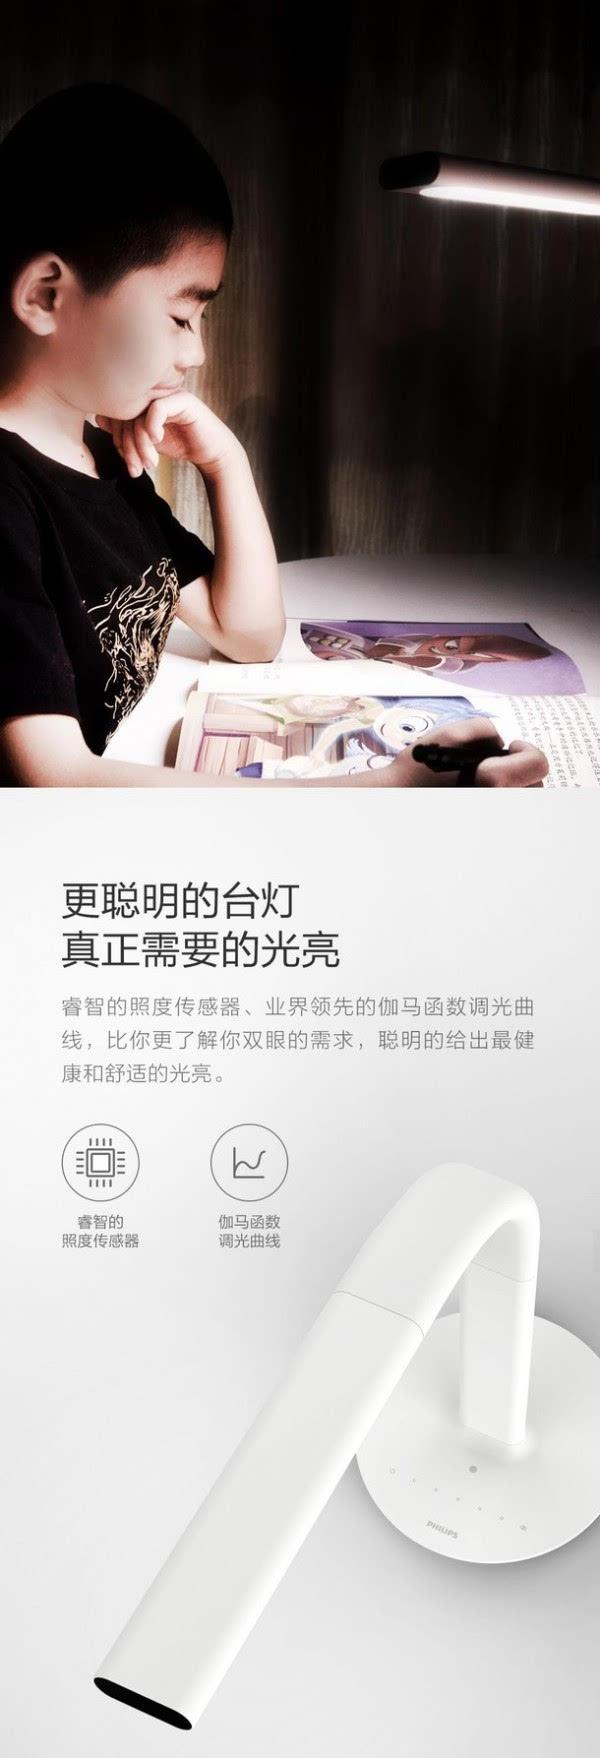 199元:小米正式发布飞利浦智睿台灯二代 双光源设计的照片 - 3